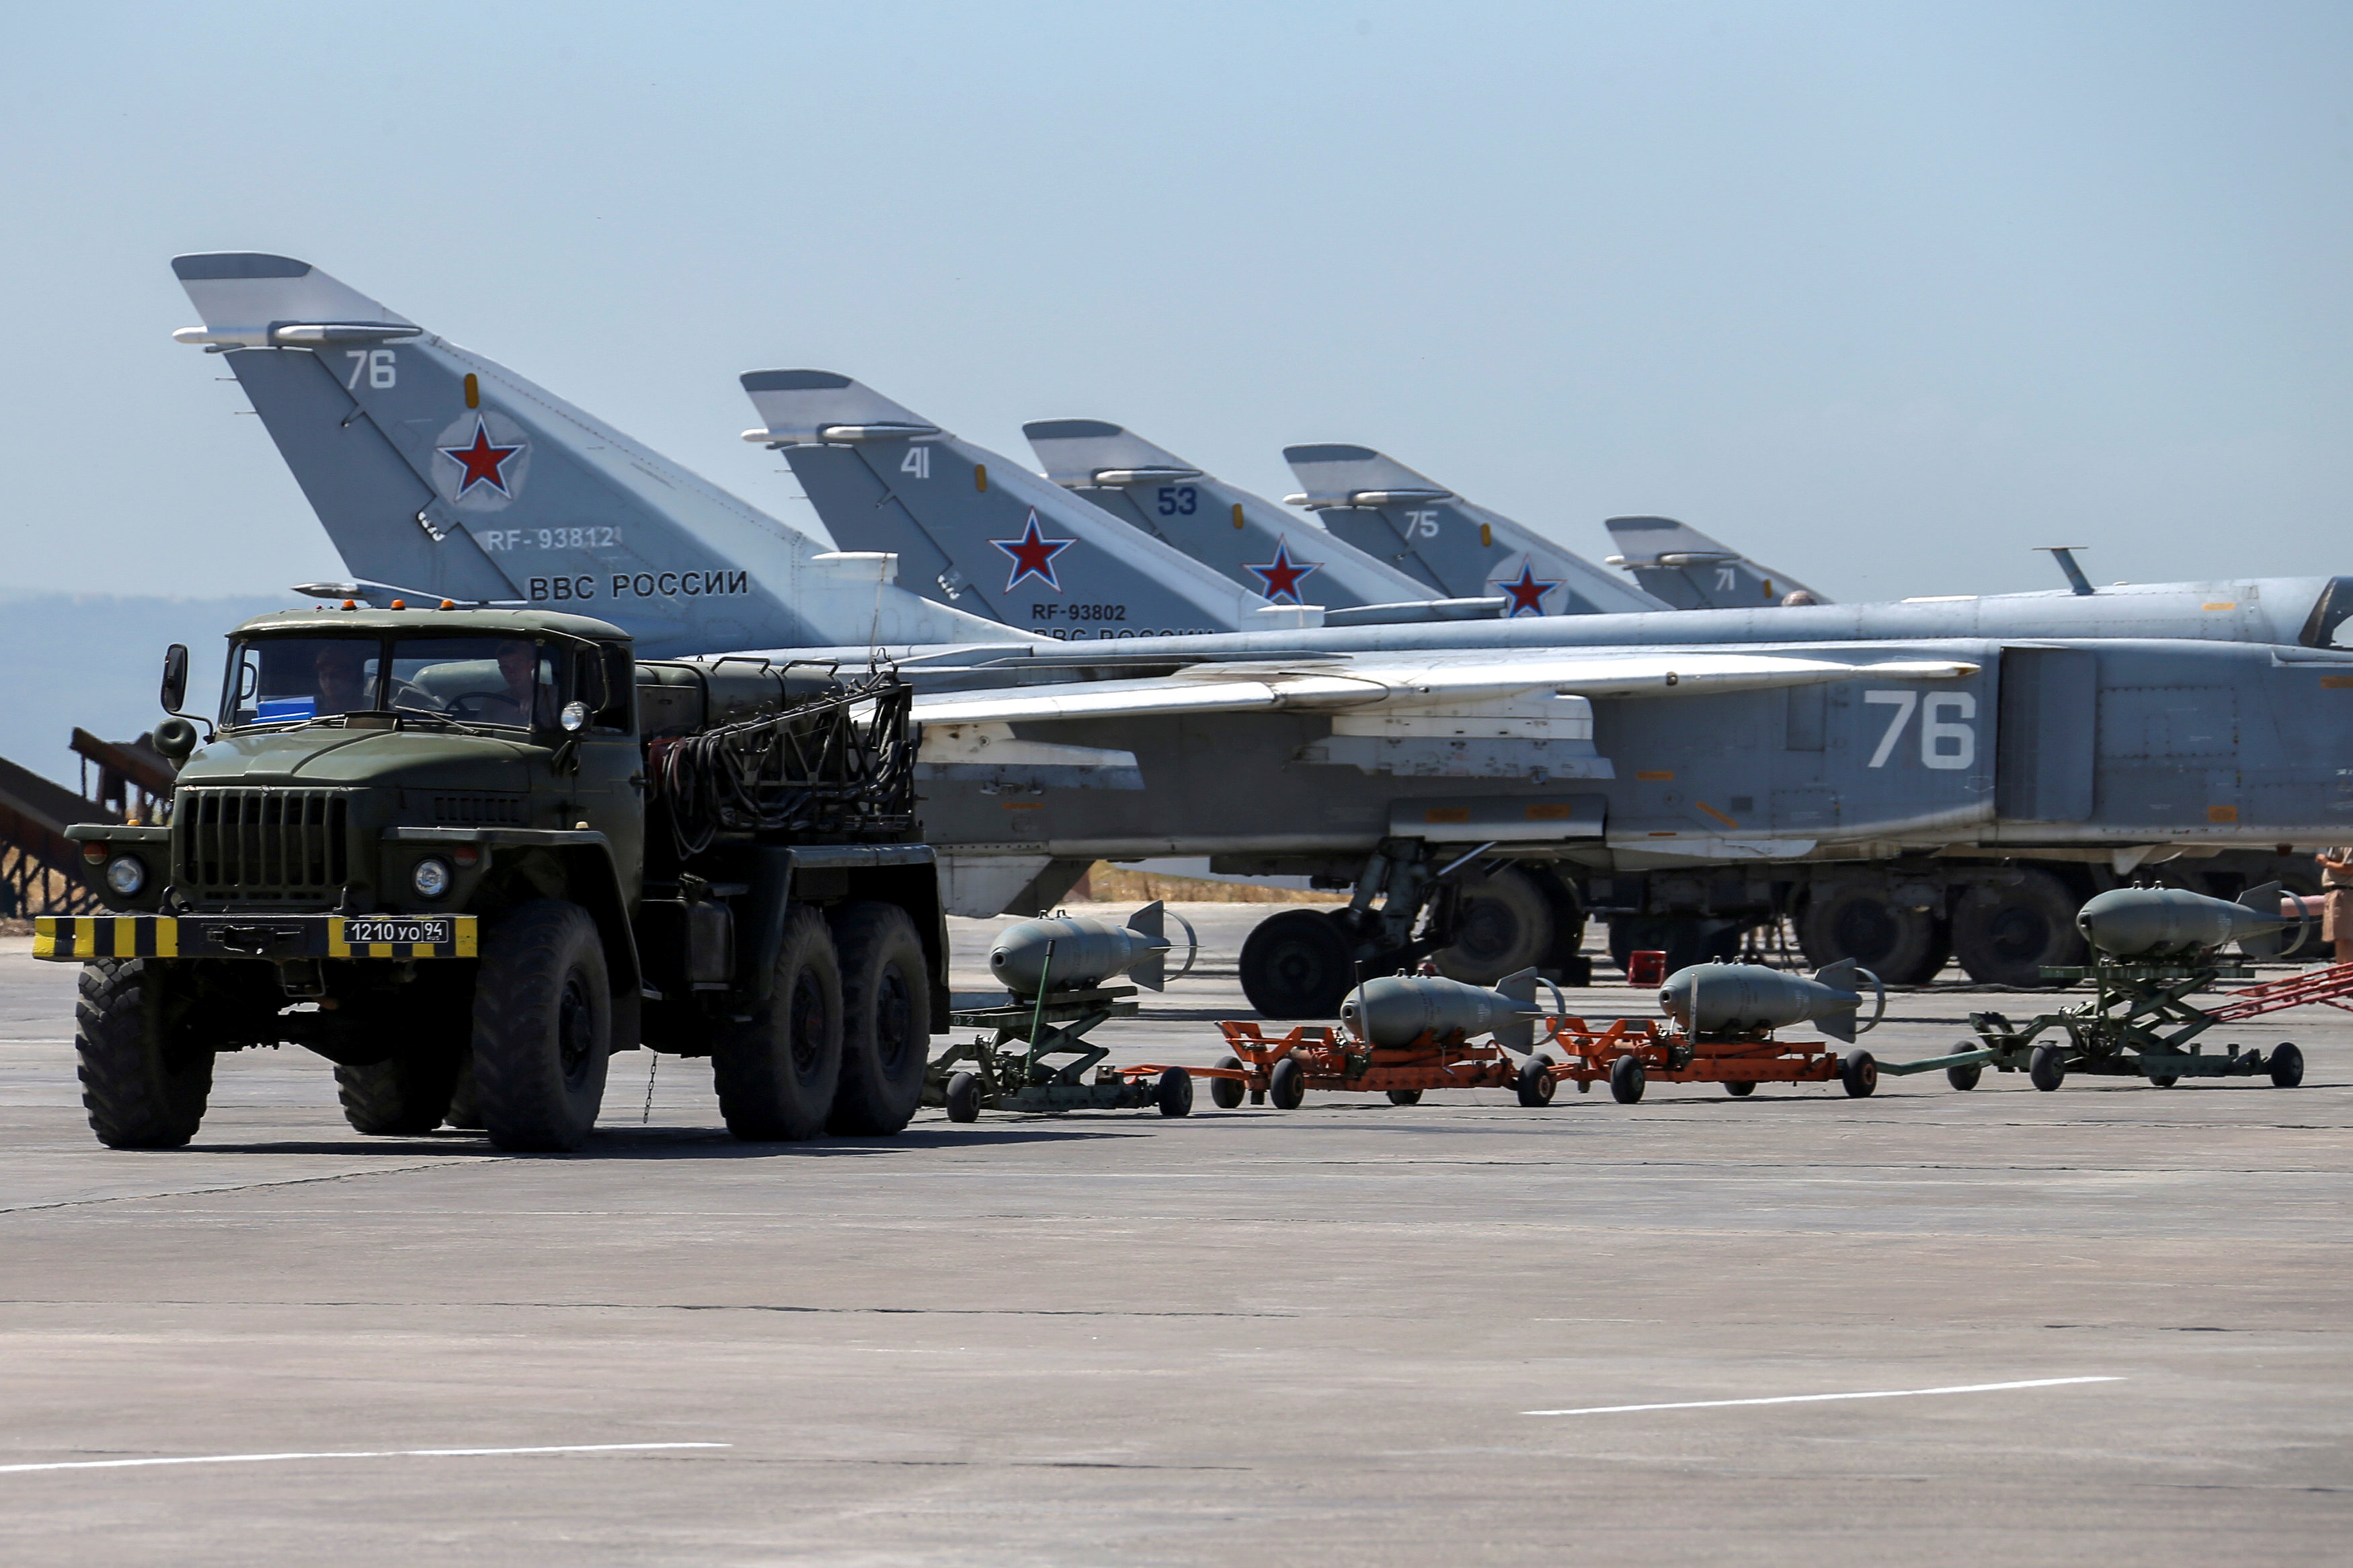 Russia Syria Air Base